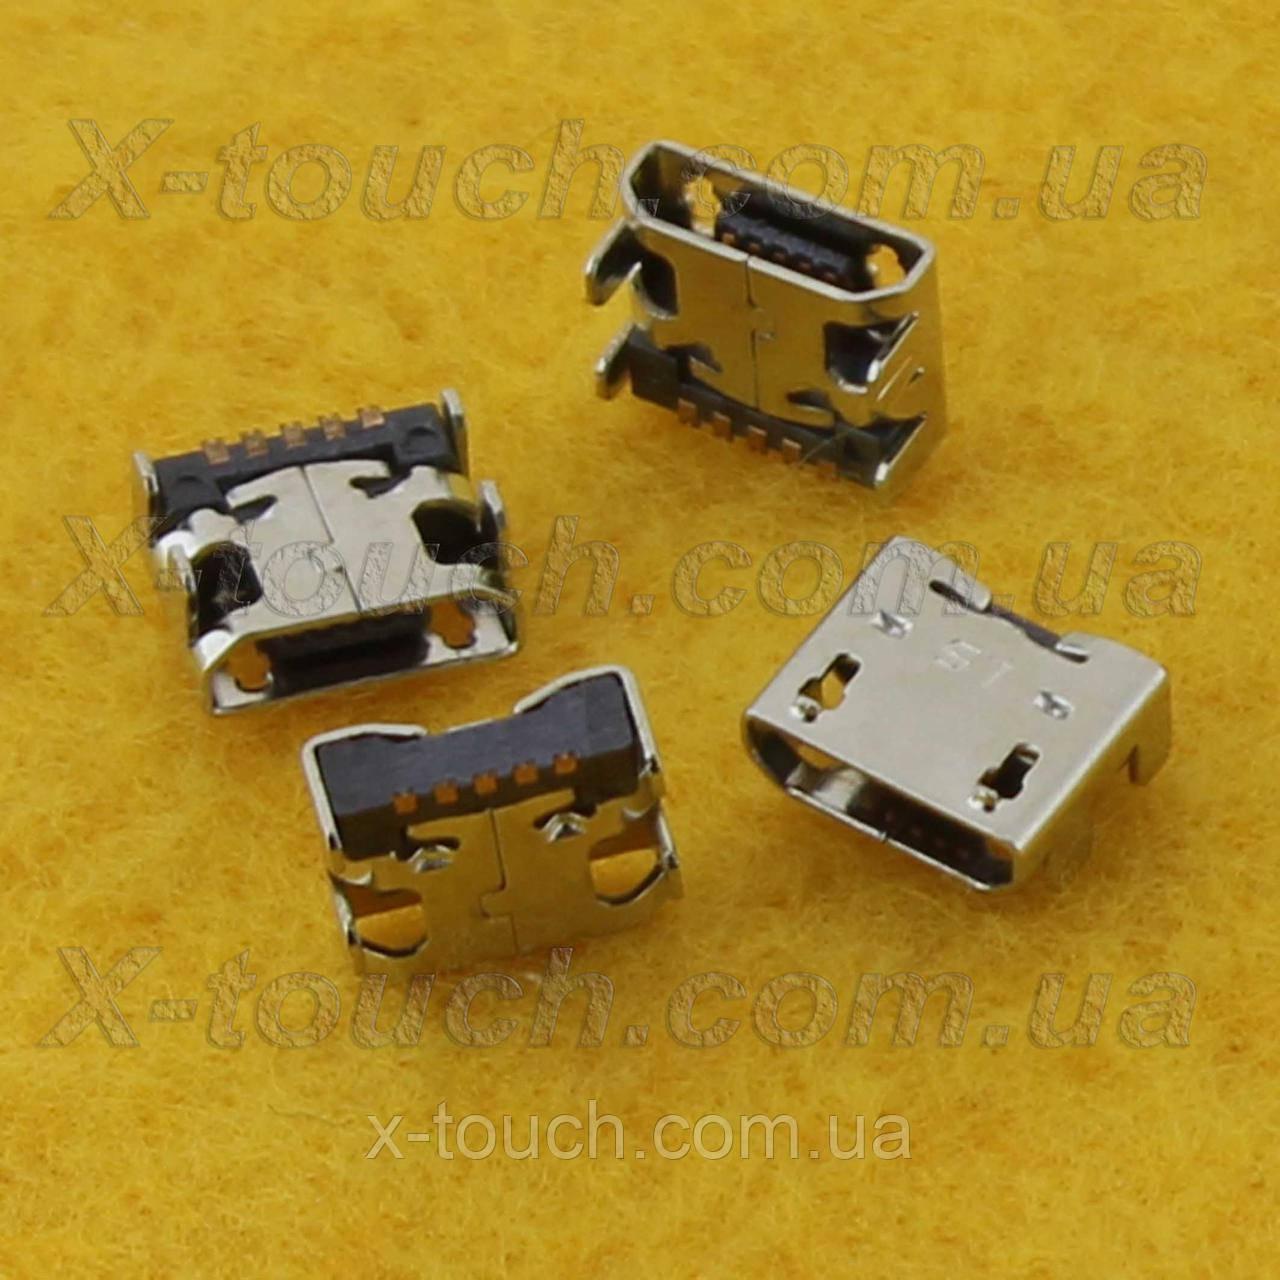 Lg Optimus L70 ms320 роз'єм зарядки micro USB BF 5pin.